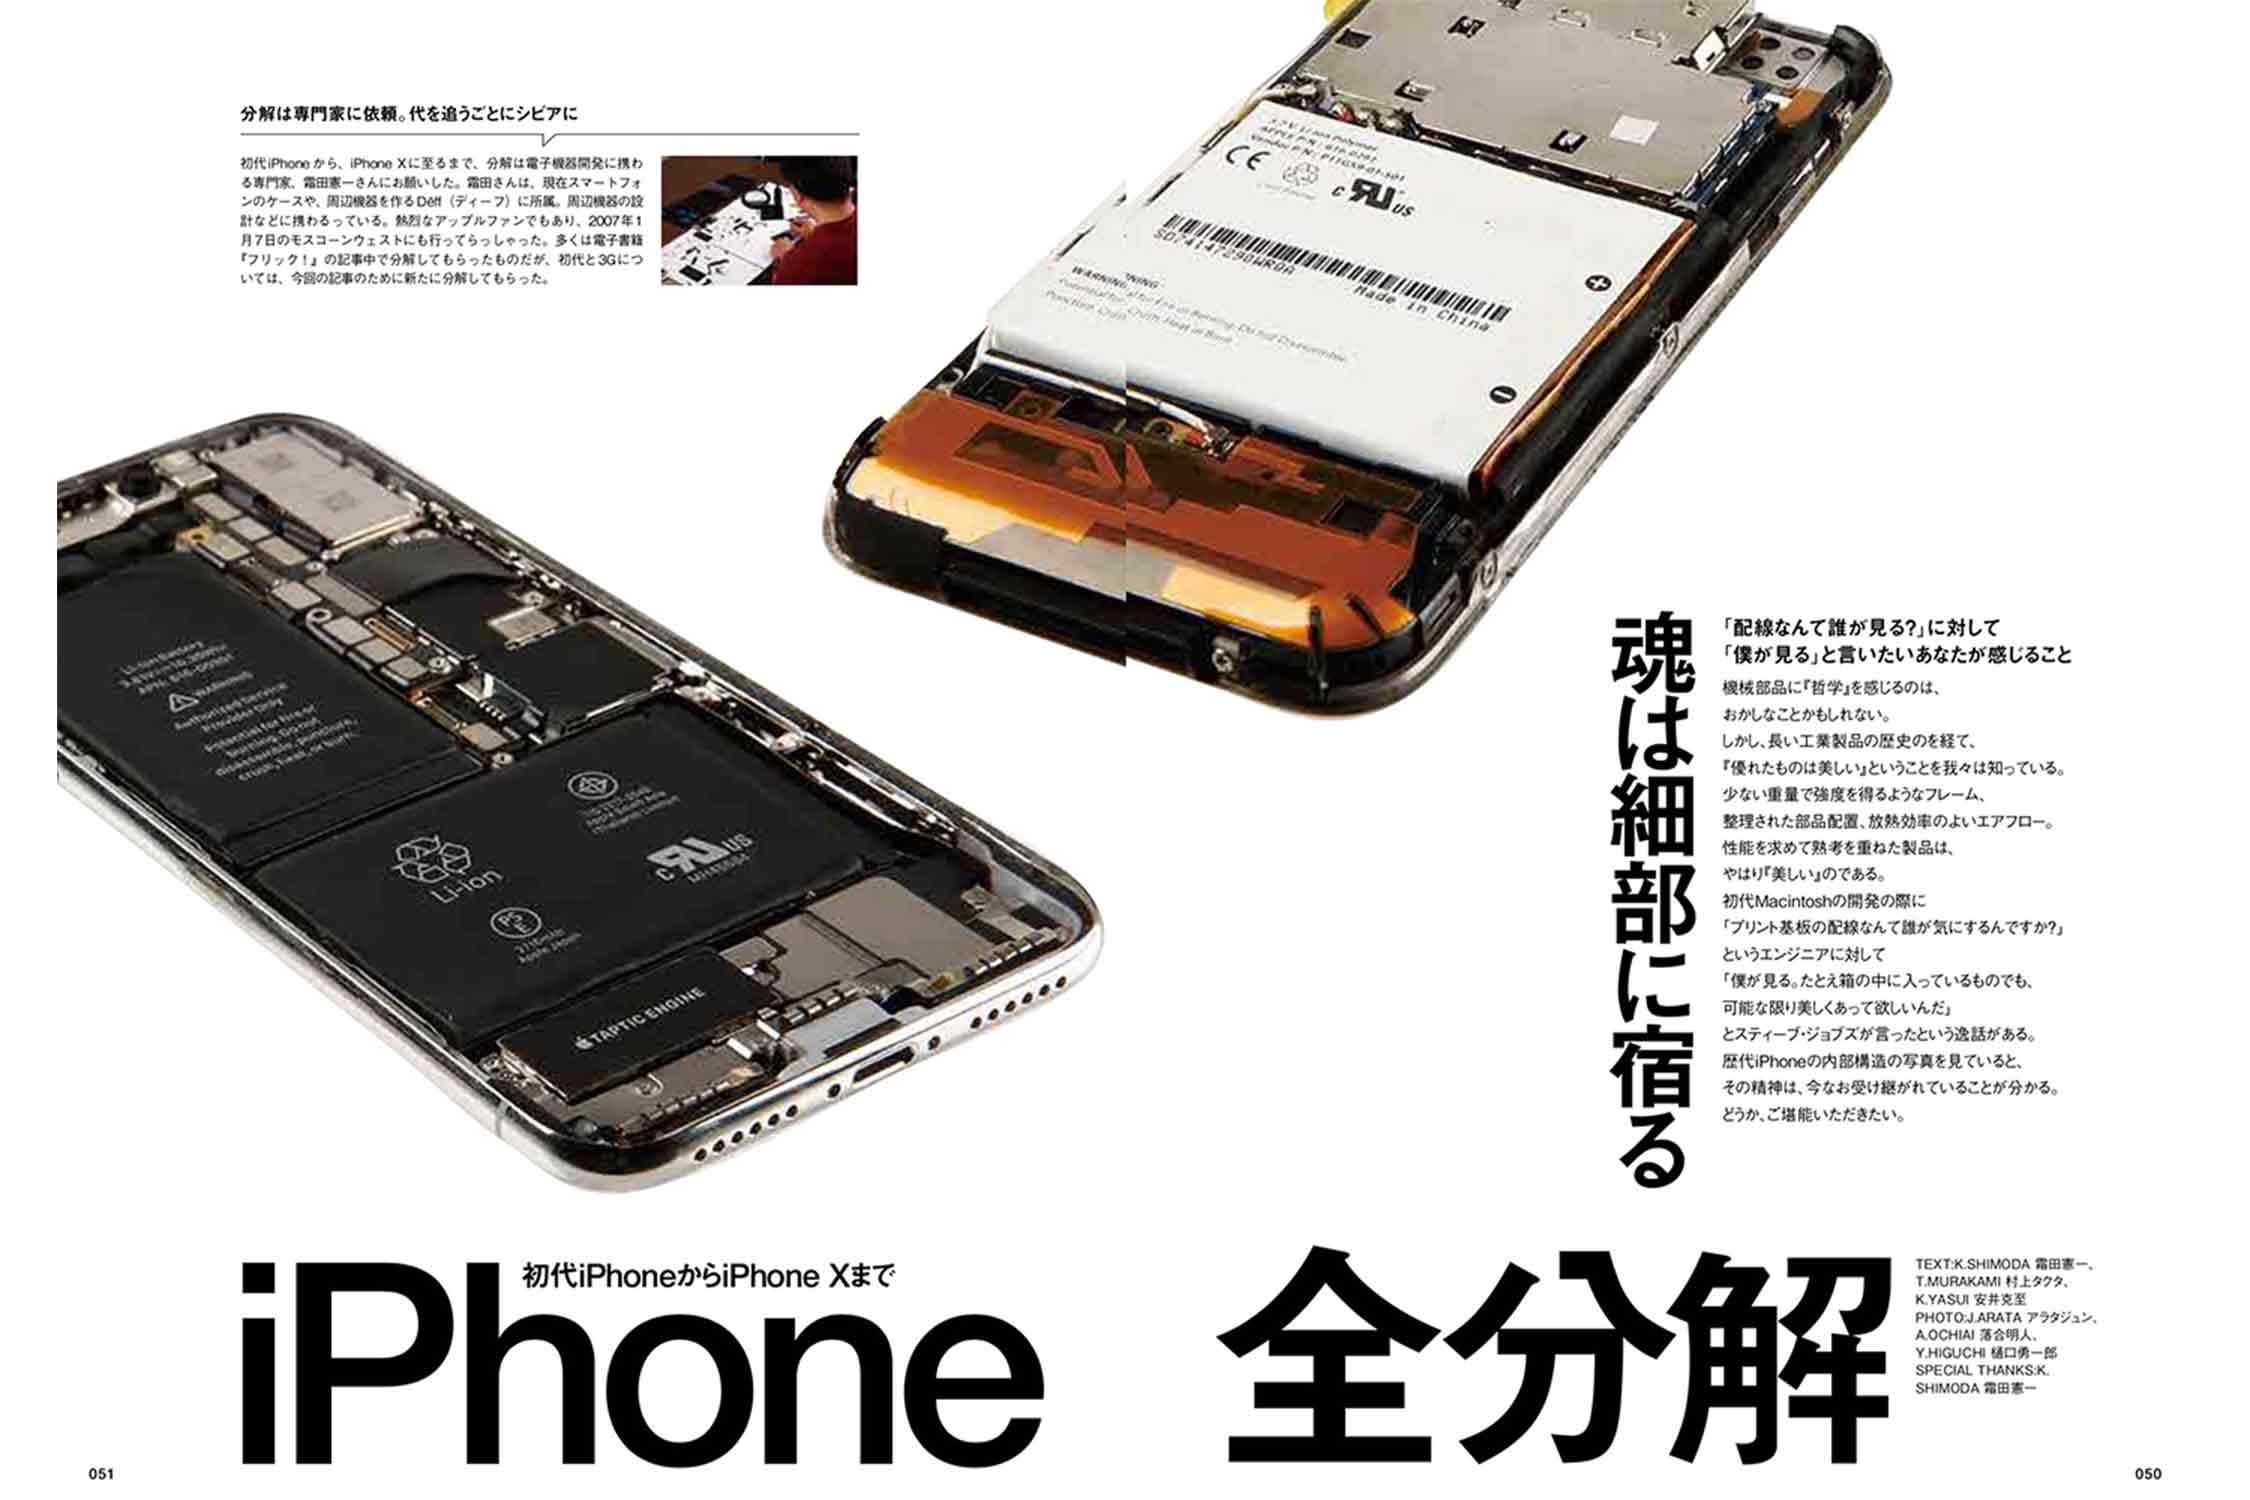 初代iPhoneからXまで、その大きな変化 イメージ